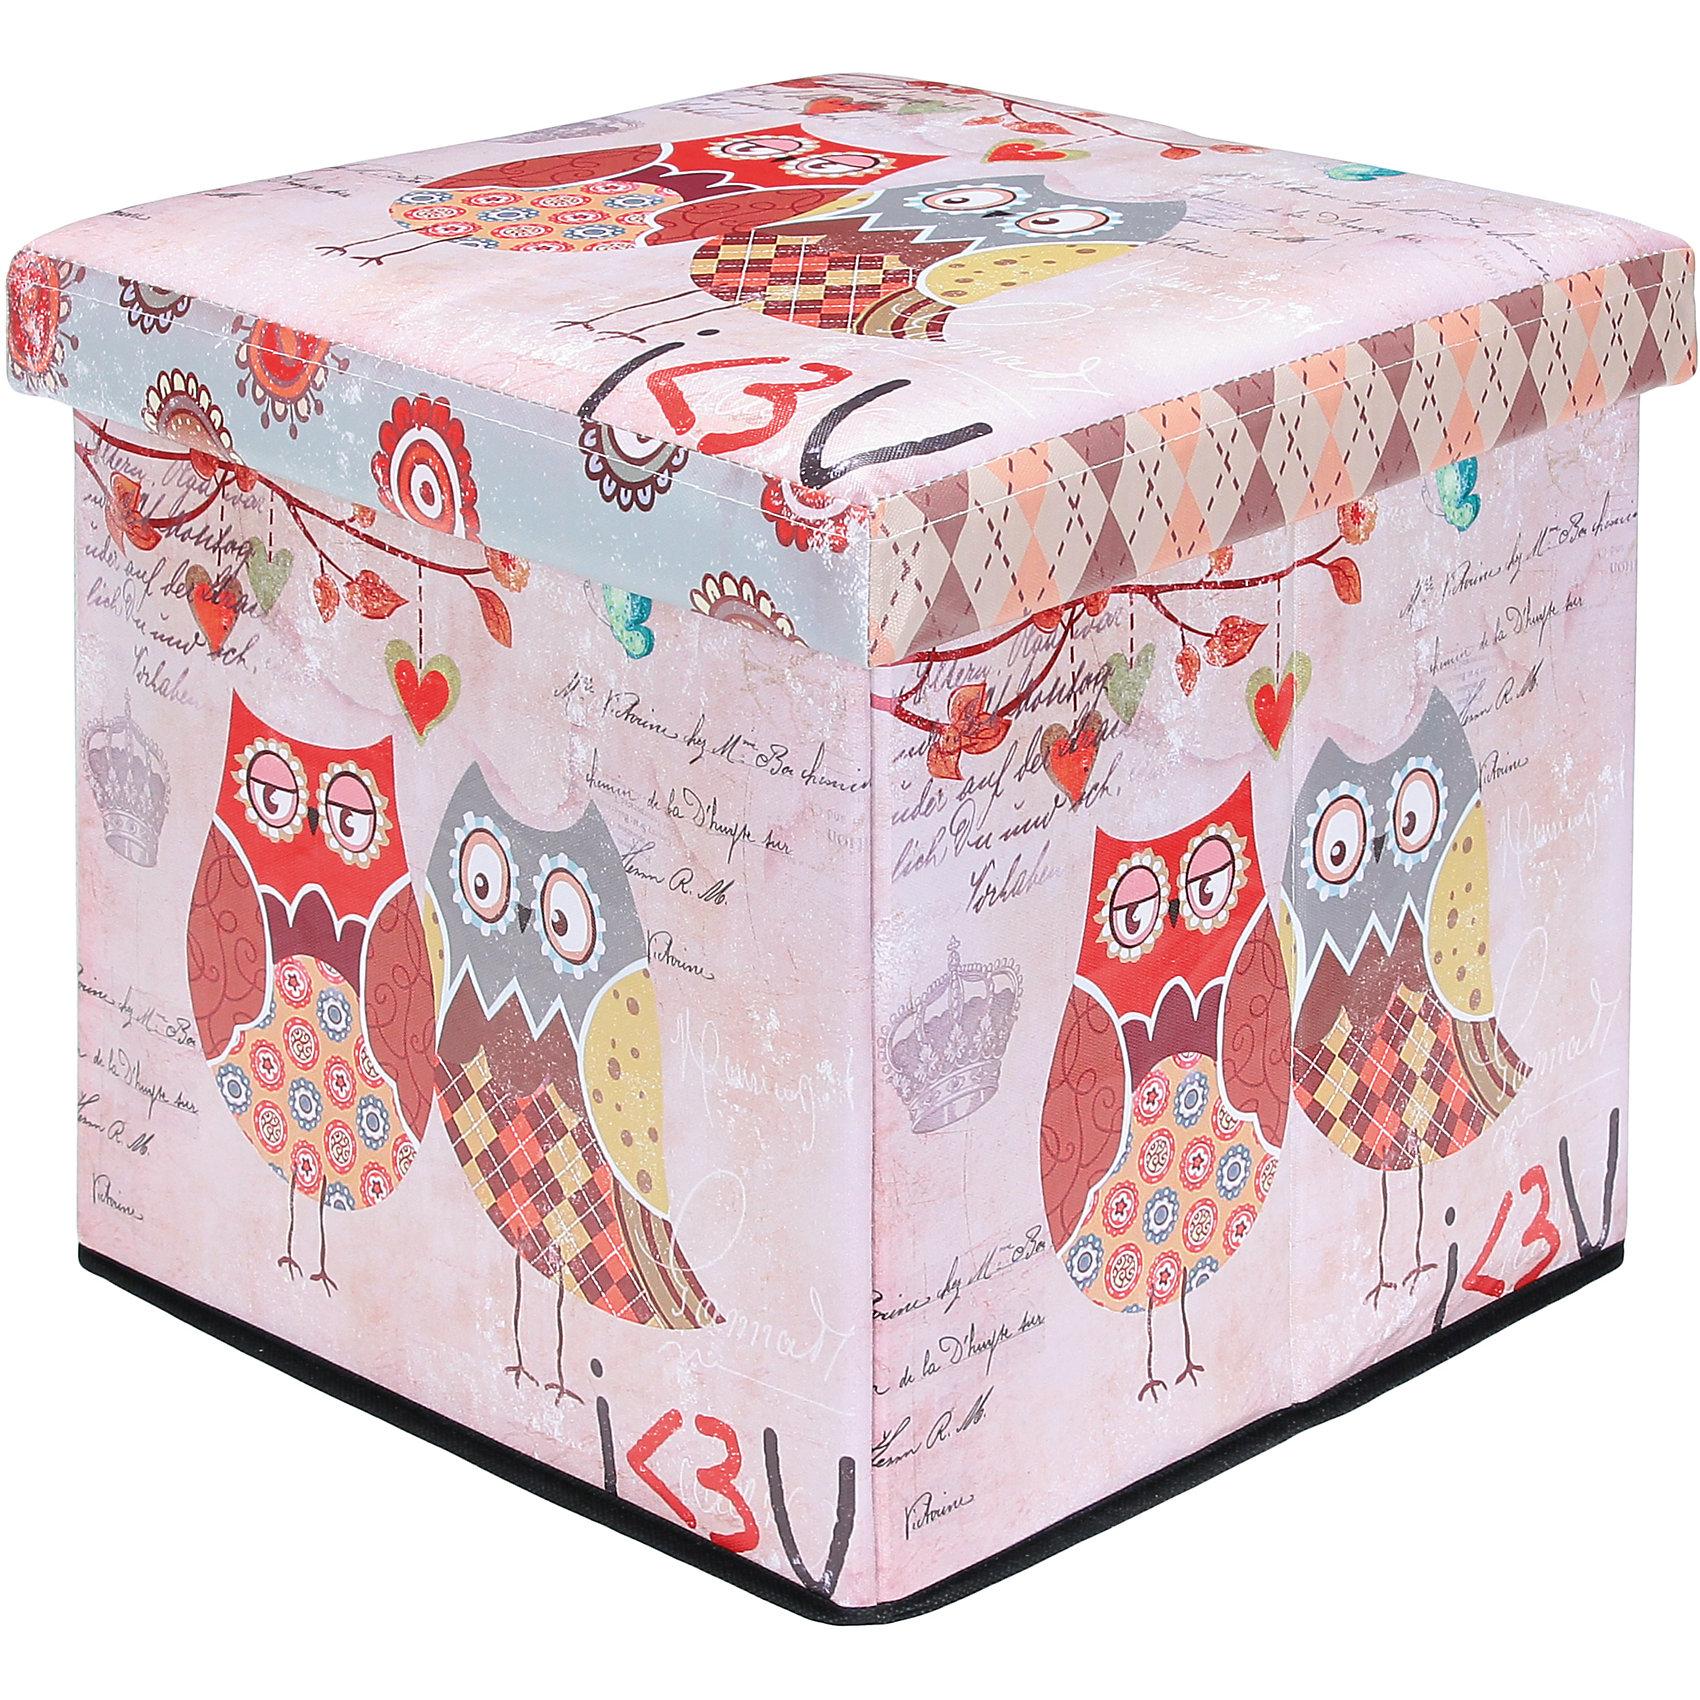 Пуф складной с ящиком для хранения 35*35*35 см. Забавные совы, EL CasaПорядок в детской<br>Характеристики товара:<br><br>• цвет: мульти<br>• материал: МДФ, экокожа<br>• размер: 35 х 35 х 35 см<br>• вес: 1000 г<br>• легко складывается<br>• декорирован принтом<br>• с ящиком для хранения<br>• удобный<br>• вместительный<br>• универсальный размер<br>• страна бренда: Российская Федерация<br>• страна производства: Китай<br><br>Такой пуф - отличный пример красивой и функциональной вещи для любого интерьера. В нем удобной хранить различные мелочи, благодаря универсальному дизайну и расцветке он хорошо будет смотреться в помещении.<br><br>Пуф для хранения может стать отличным приобретением для дома или подарком для любителей красивых оригинальных вещей.<br><br>Бренд EL Casa - это красивые и практичные товары для дома с современным дизайном. Они добавляют в жильё уюта и комфорта! <br><br>Пуф складной с ящиком для хранения 35*35*35 см. Забавные совы, EL Casa можно купить в нашем интернет-магазине.<br><br>Ширина мм: 350<br>Глубина мм: 350<br>Высота мм: 50<br>Вес г: 2050<br>Возраст от месяцев: 0<br>Возраст до месяцев: 1188<br>Пол: Унисекс<br>Возраст: Детский<br>SKU: 6668680